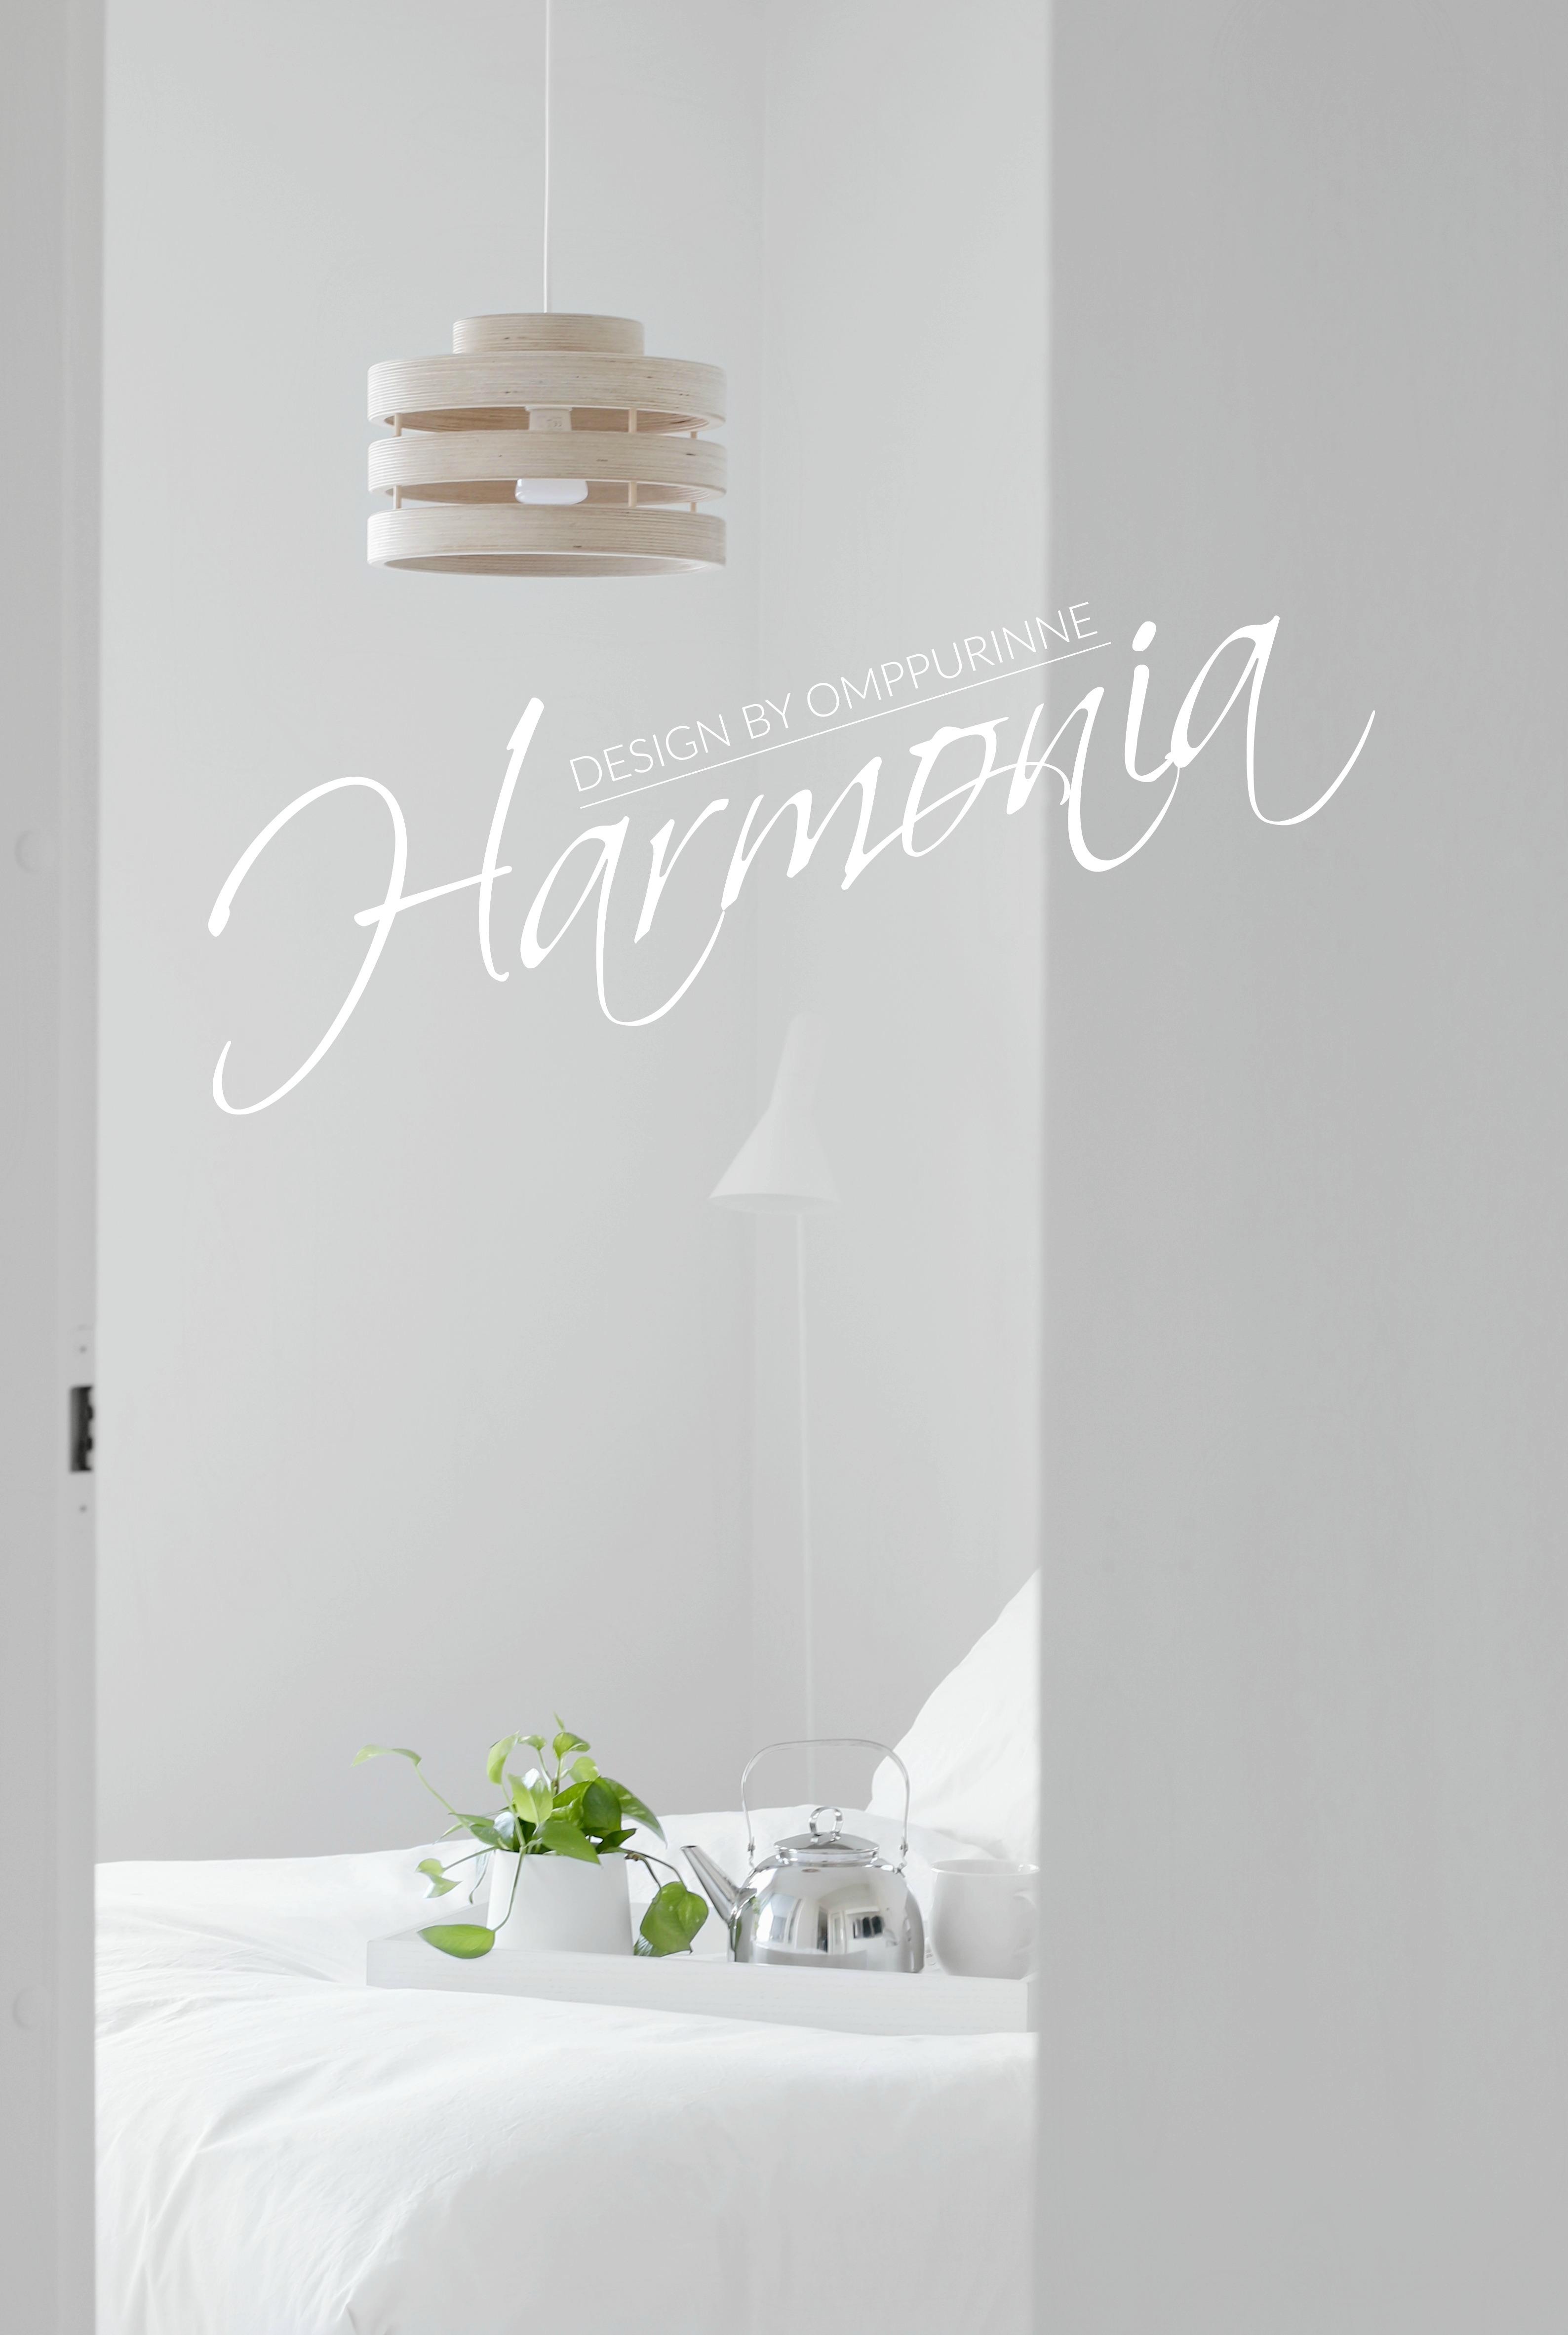 Harmonia designvalaisin suomalainen omppurinne koivuvaneri omakotivalkoinen